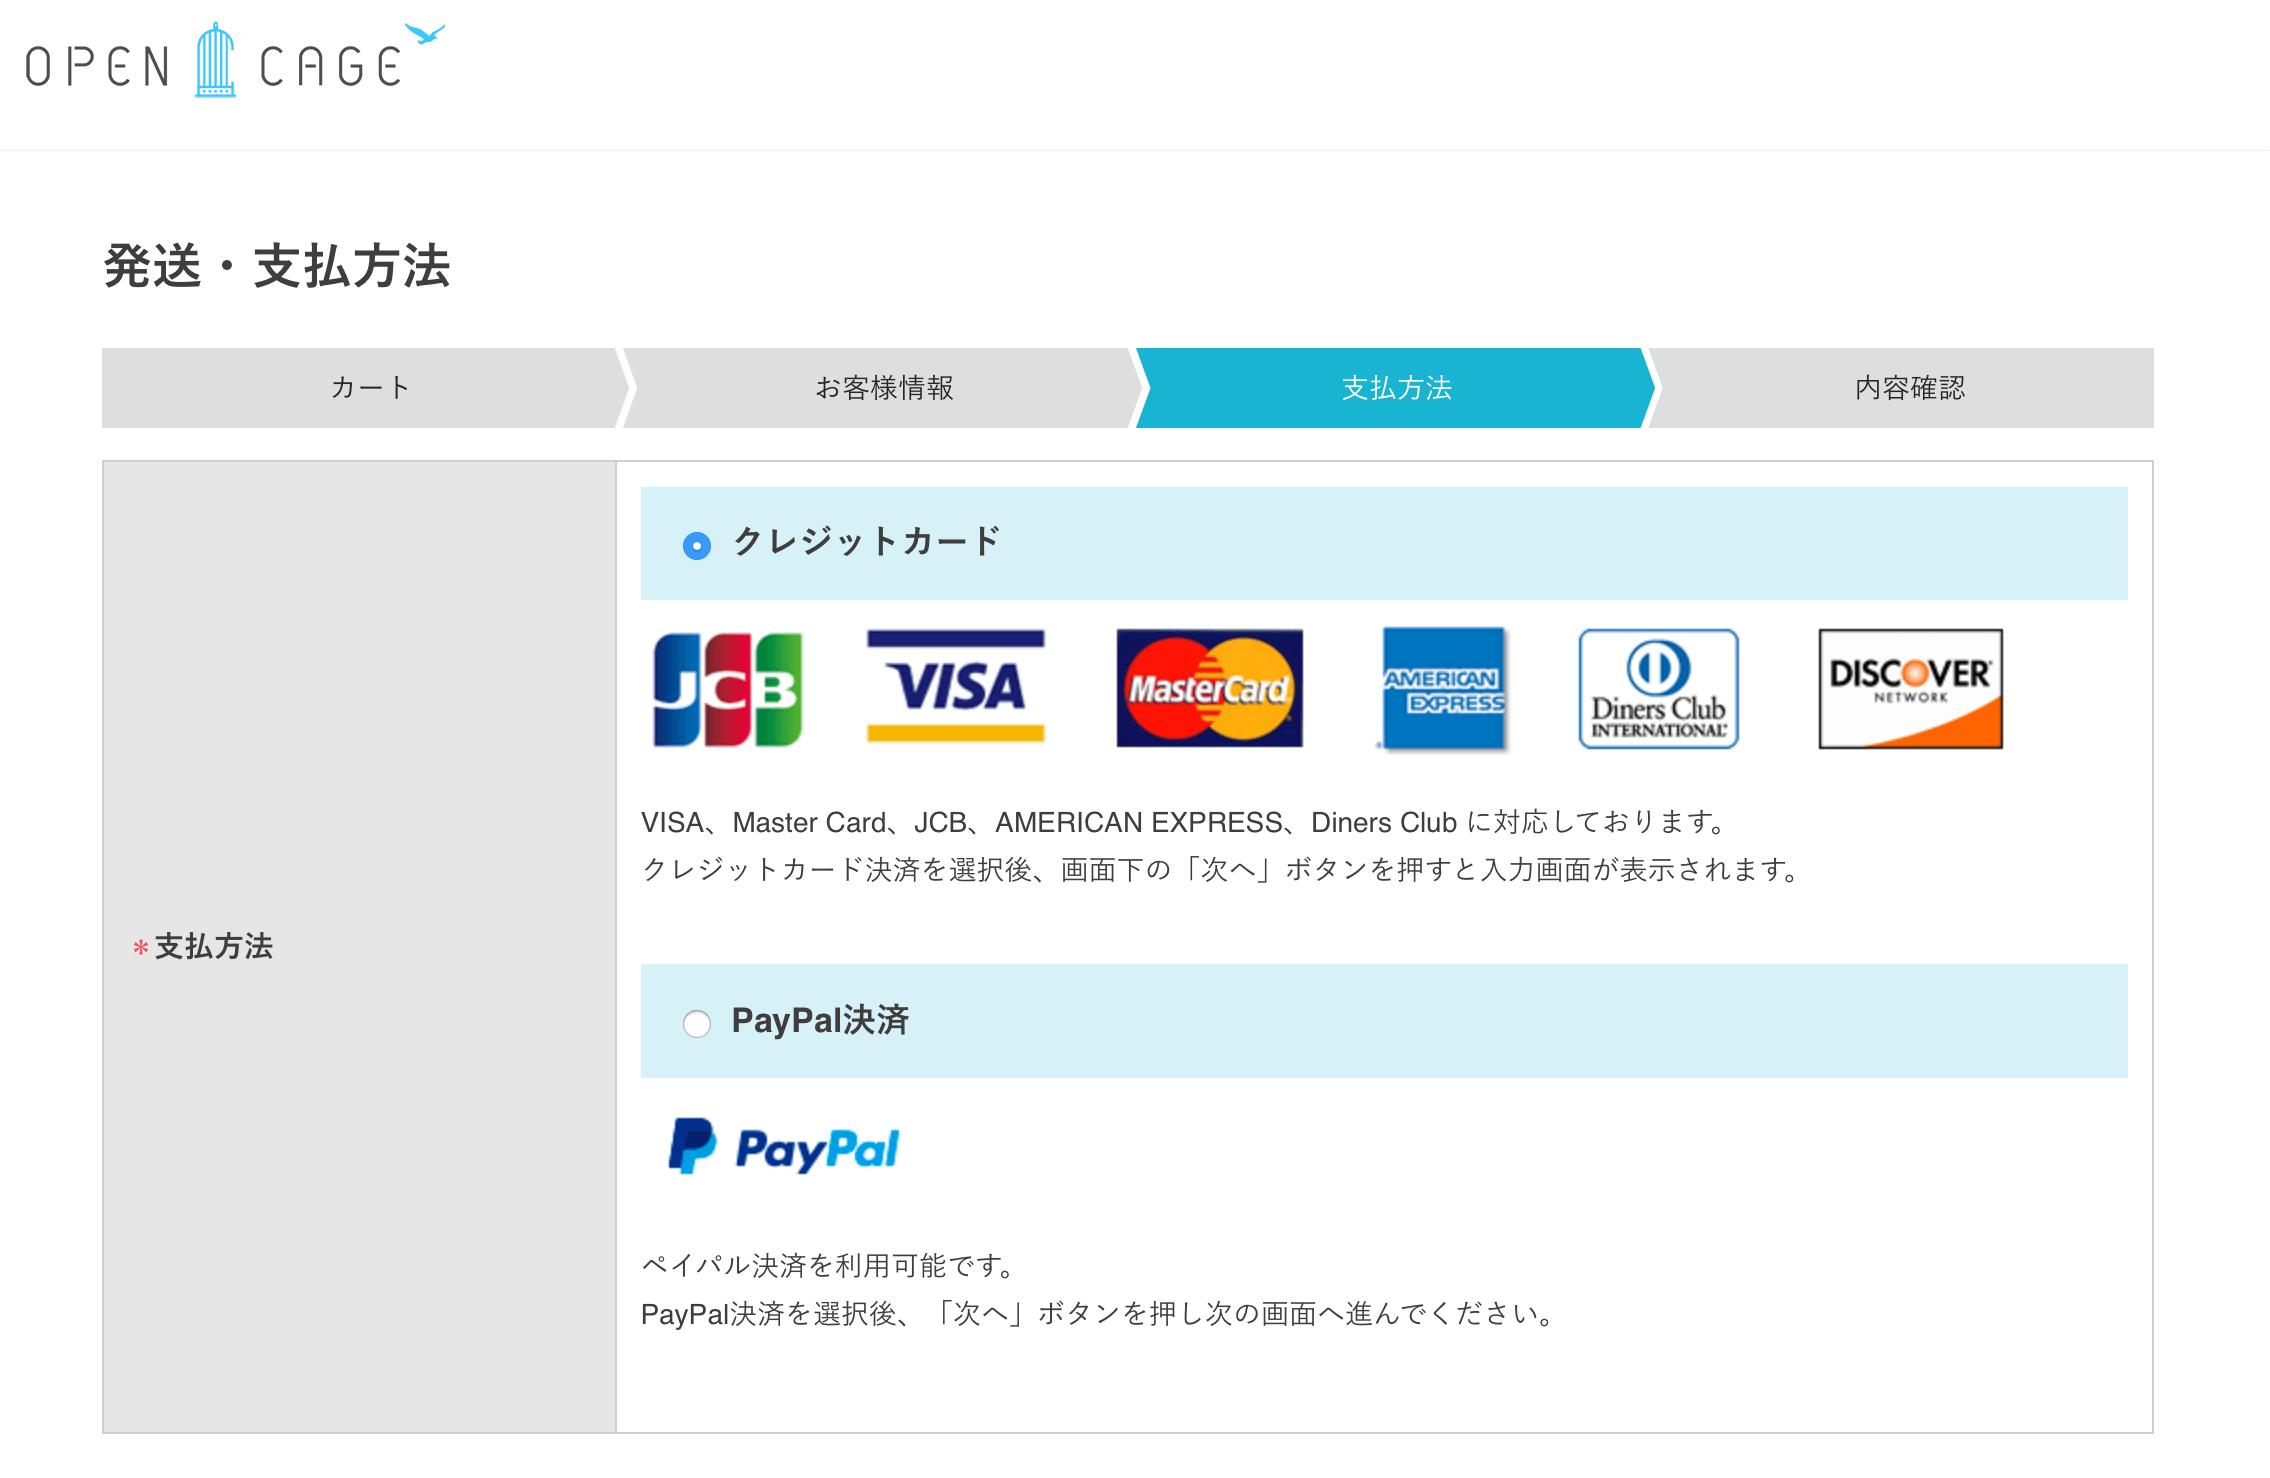 STORK19購入&ダウンロード_4